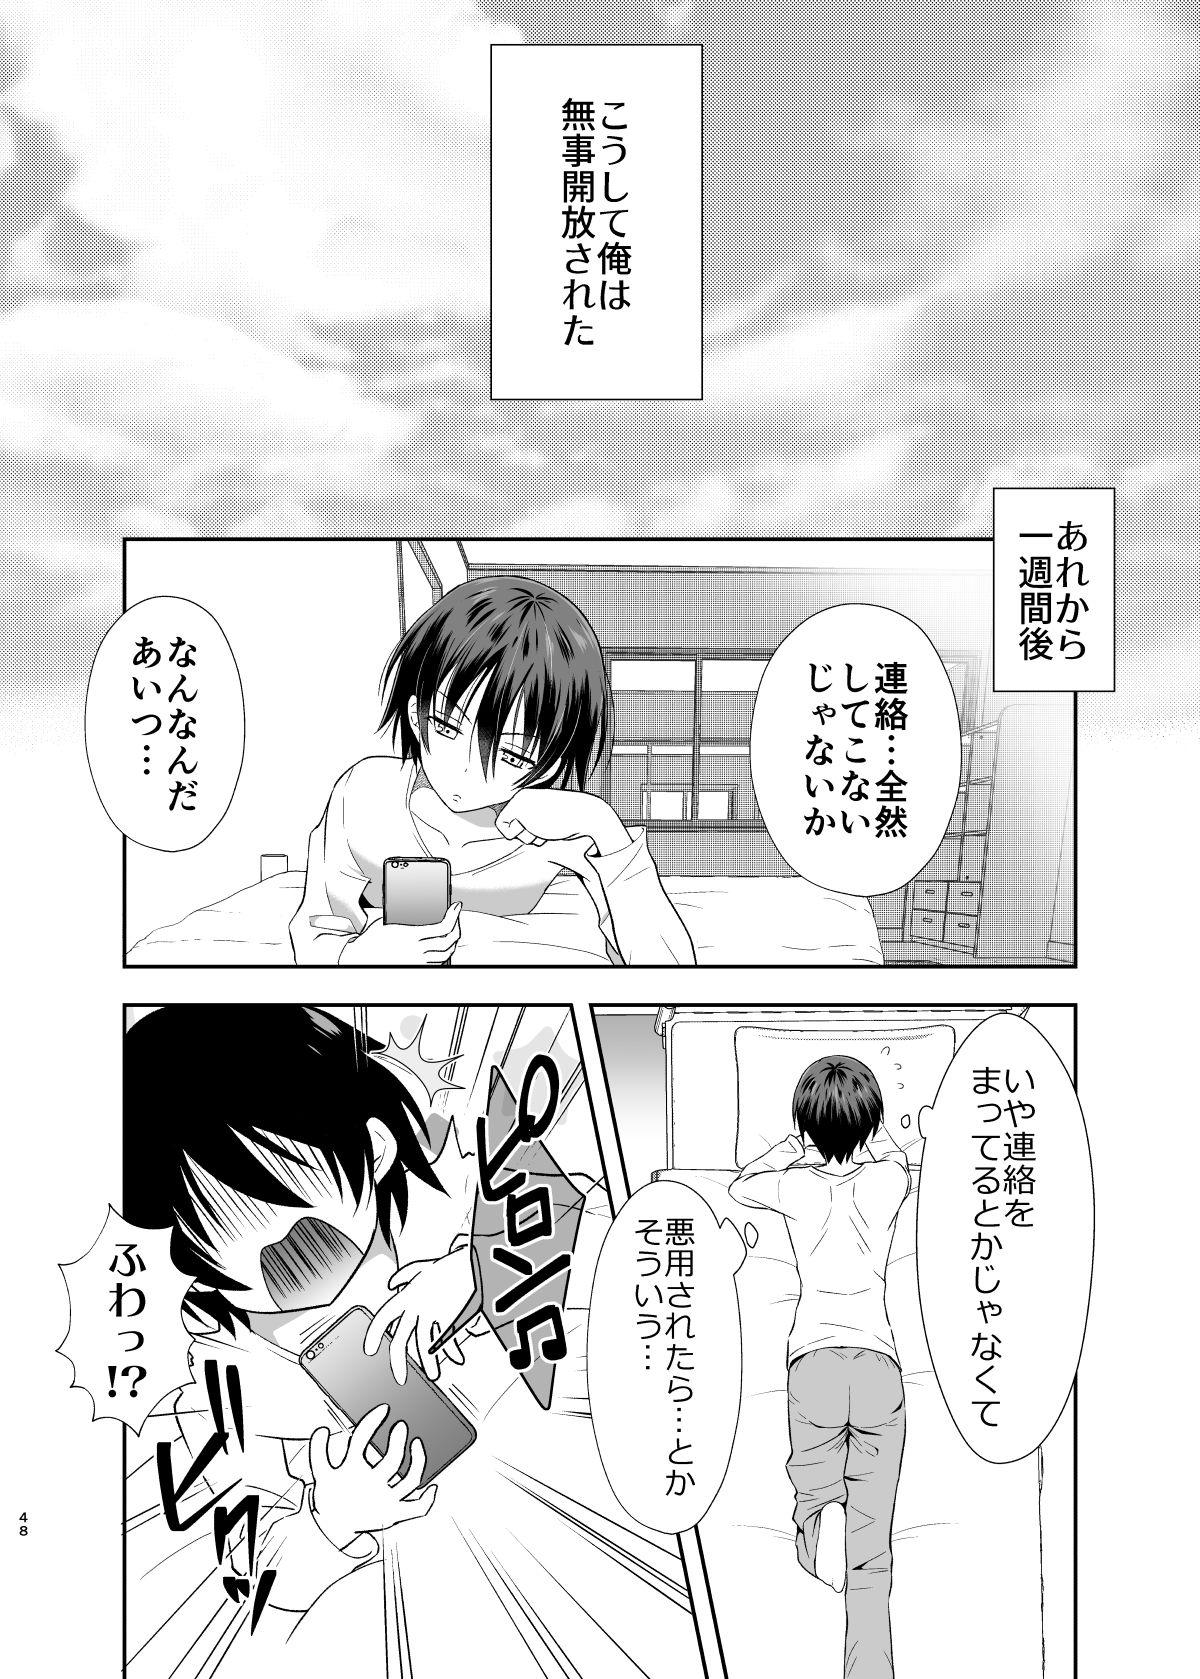 Ane no Kareshi no Furi o Shitetara Oji-san ni Otosareta Ore 46